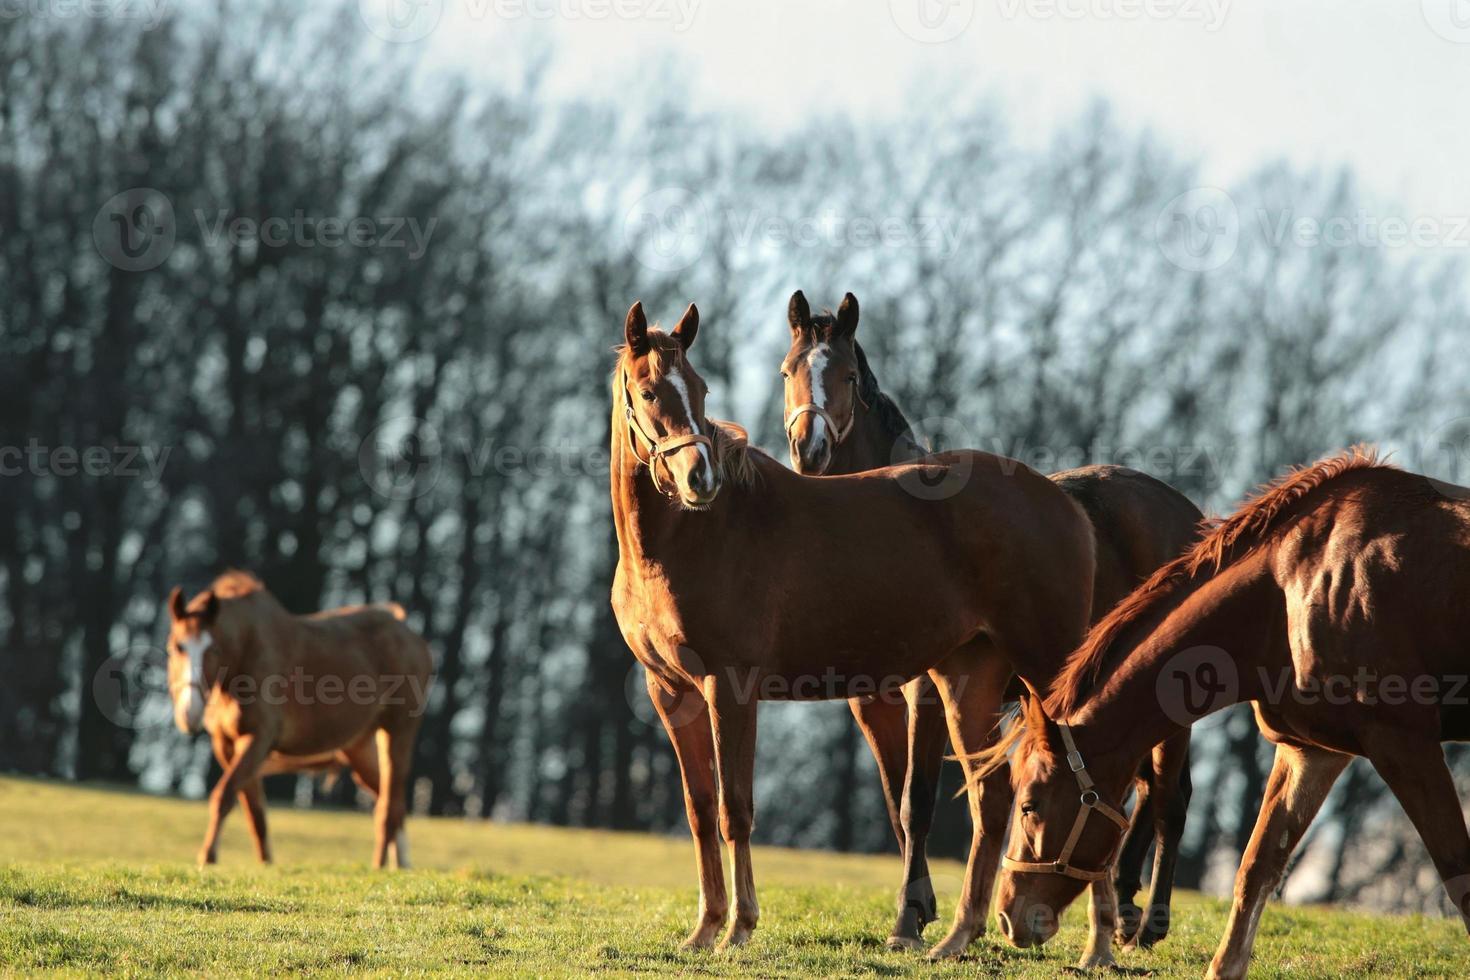 cavalos no pasto foto